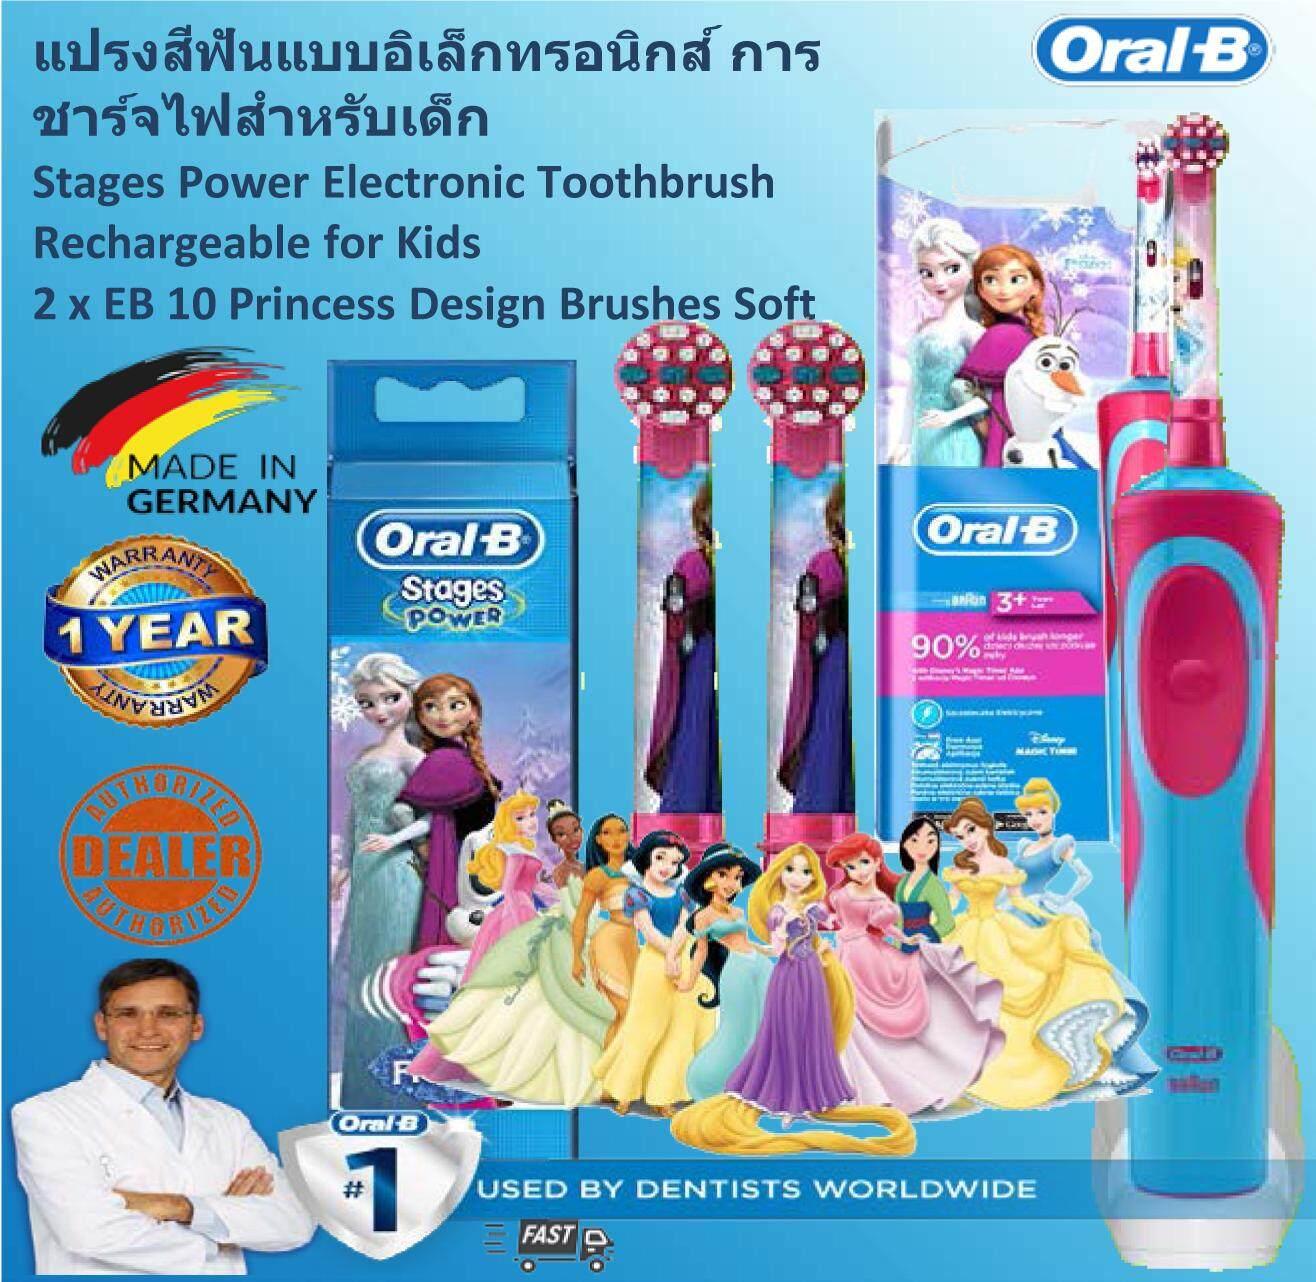 แปรงสีฟันไฟฟ้า ทำความสะอาดทุกซี่ฟันอย่างหมดจด นครนายก Oral B Stages Power Kids Electric Toothbrush  Disney ICE Princesses  แปรงสีฟันไฟฟ้าสำหรับเด็ก Oral B Stages รุ่น Disney ICE Princesses